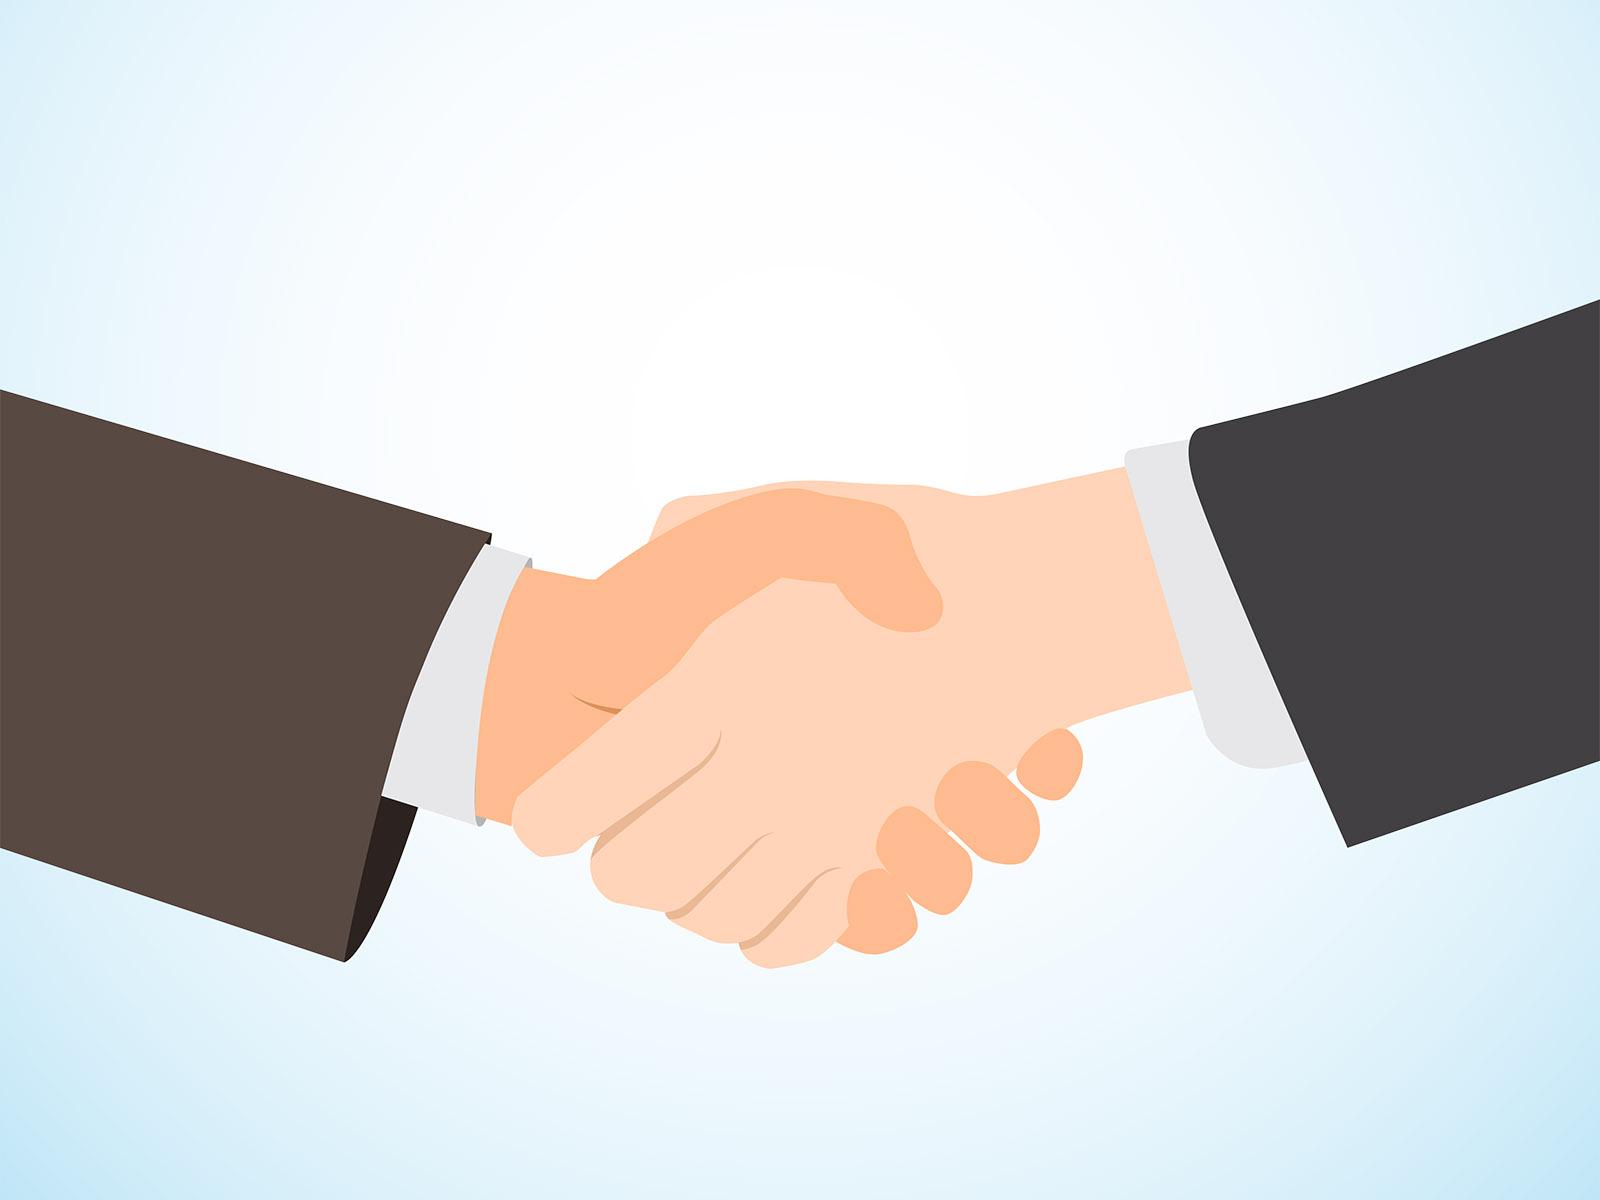 Business Partner Backgrounds